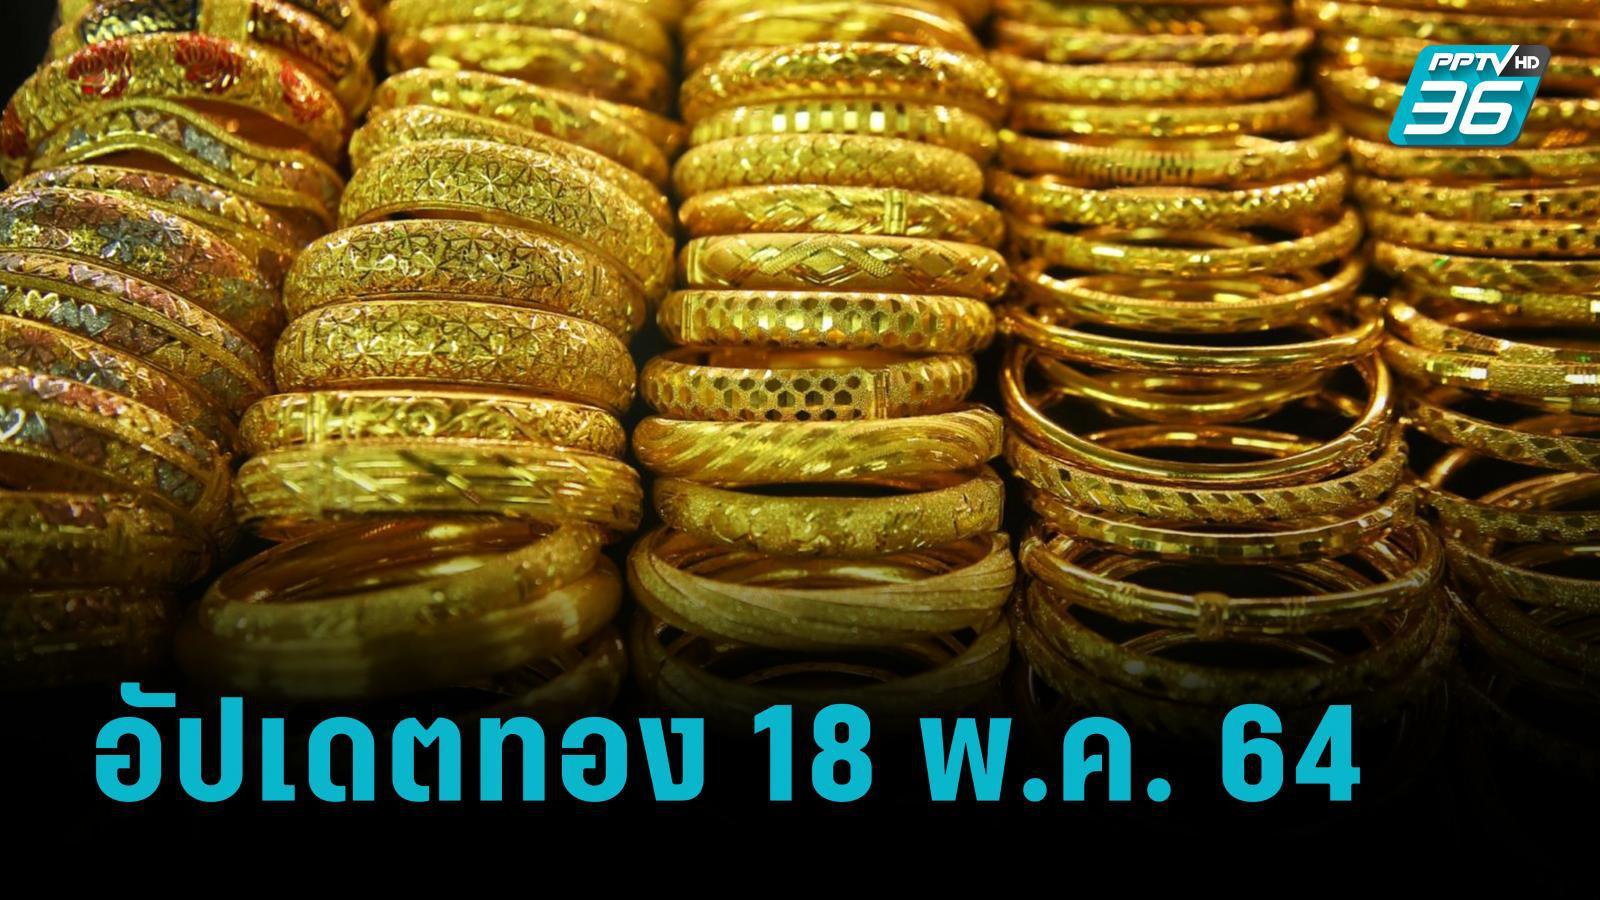 ราคาทองวันนี้ – 18 พ.ค. 64 เปิดตลาด ปรับบวกแรง 250 บาท